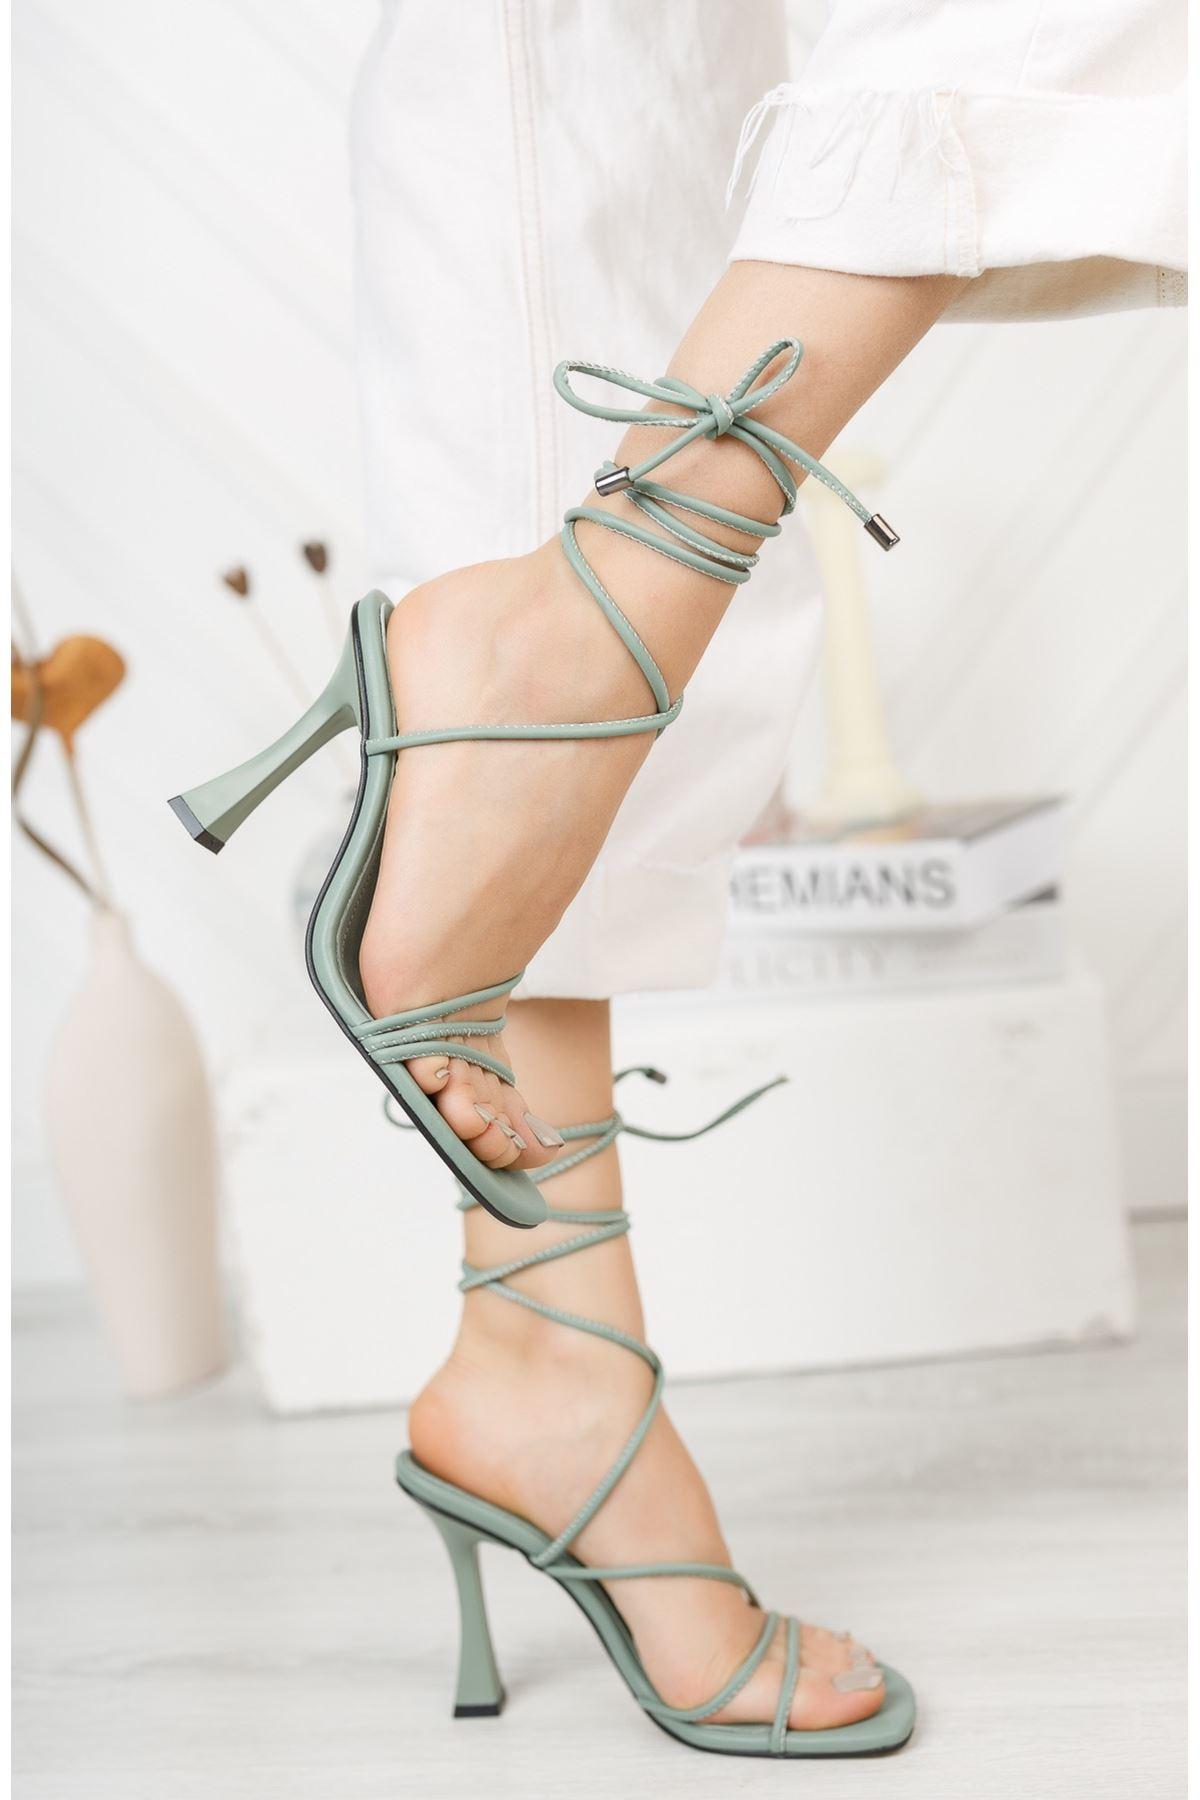 Mint Yeşili Bilekten Bağlama Detaylı Yüksek Topuklu Ayakkabı